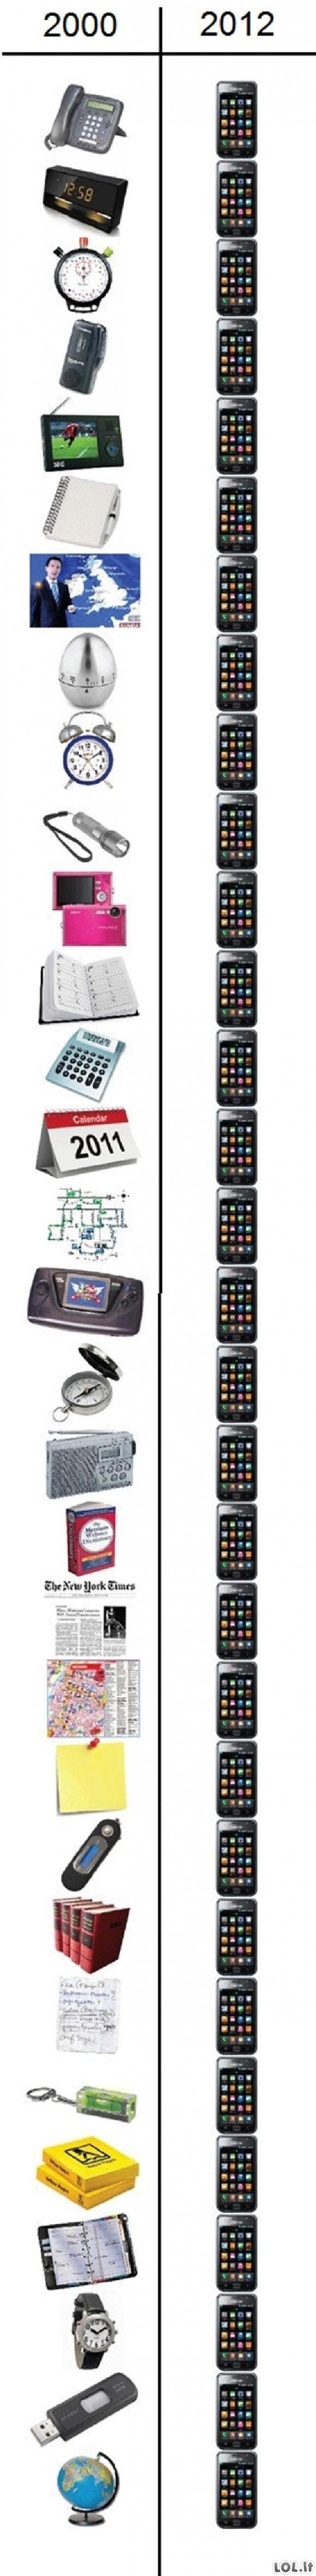 Įtaisai per dvyliką metų